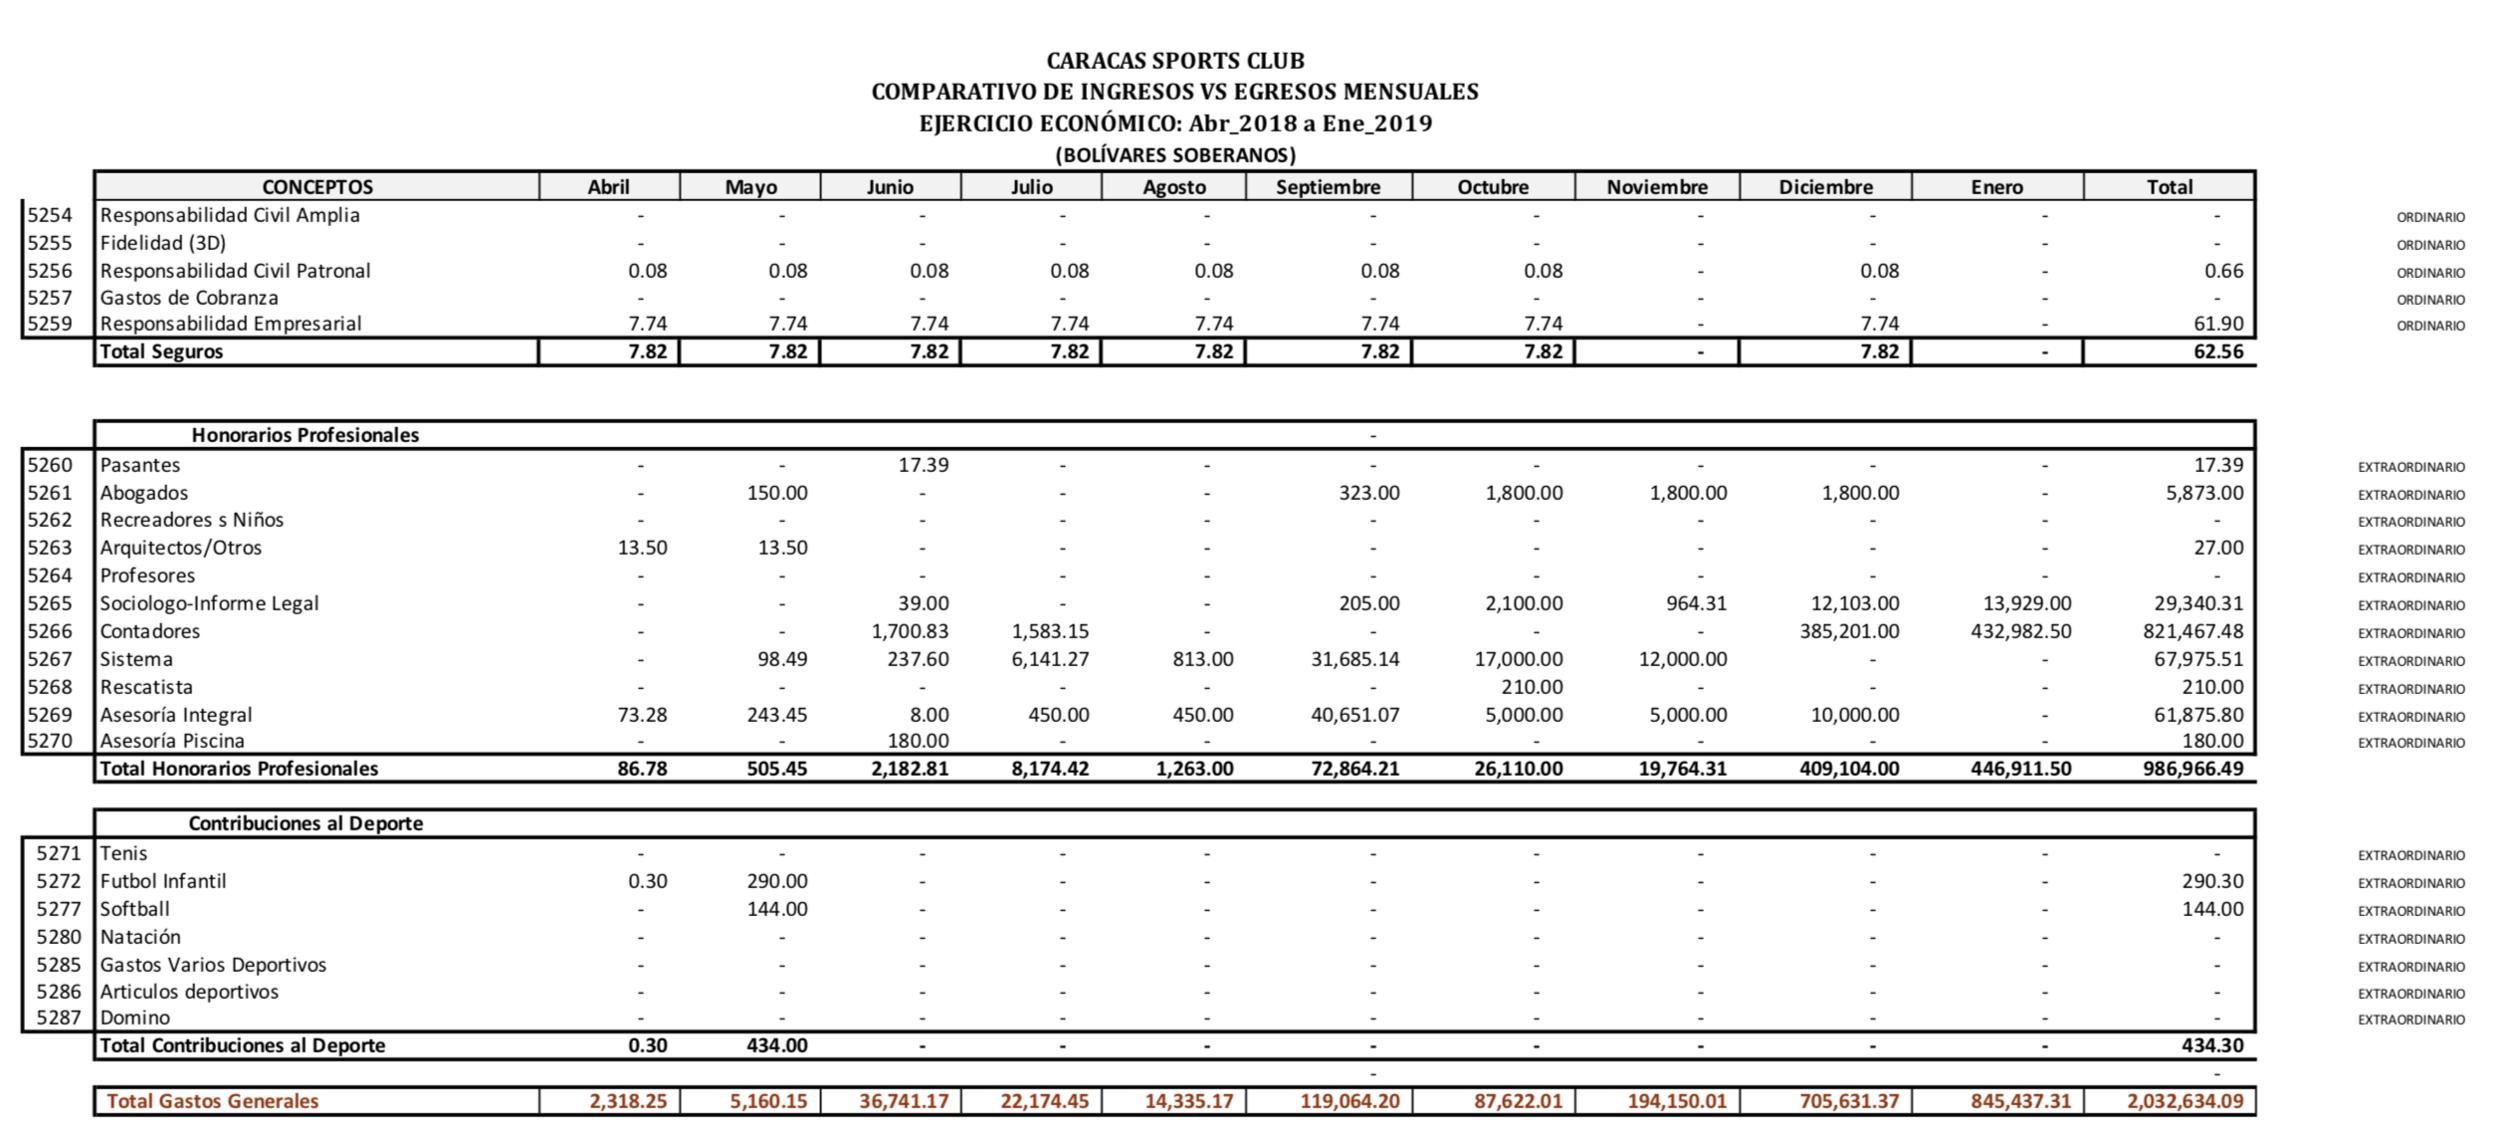 Información Financiera Abr/2018_Ene/2019 - Egresos